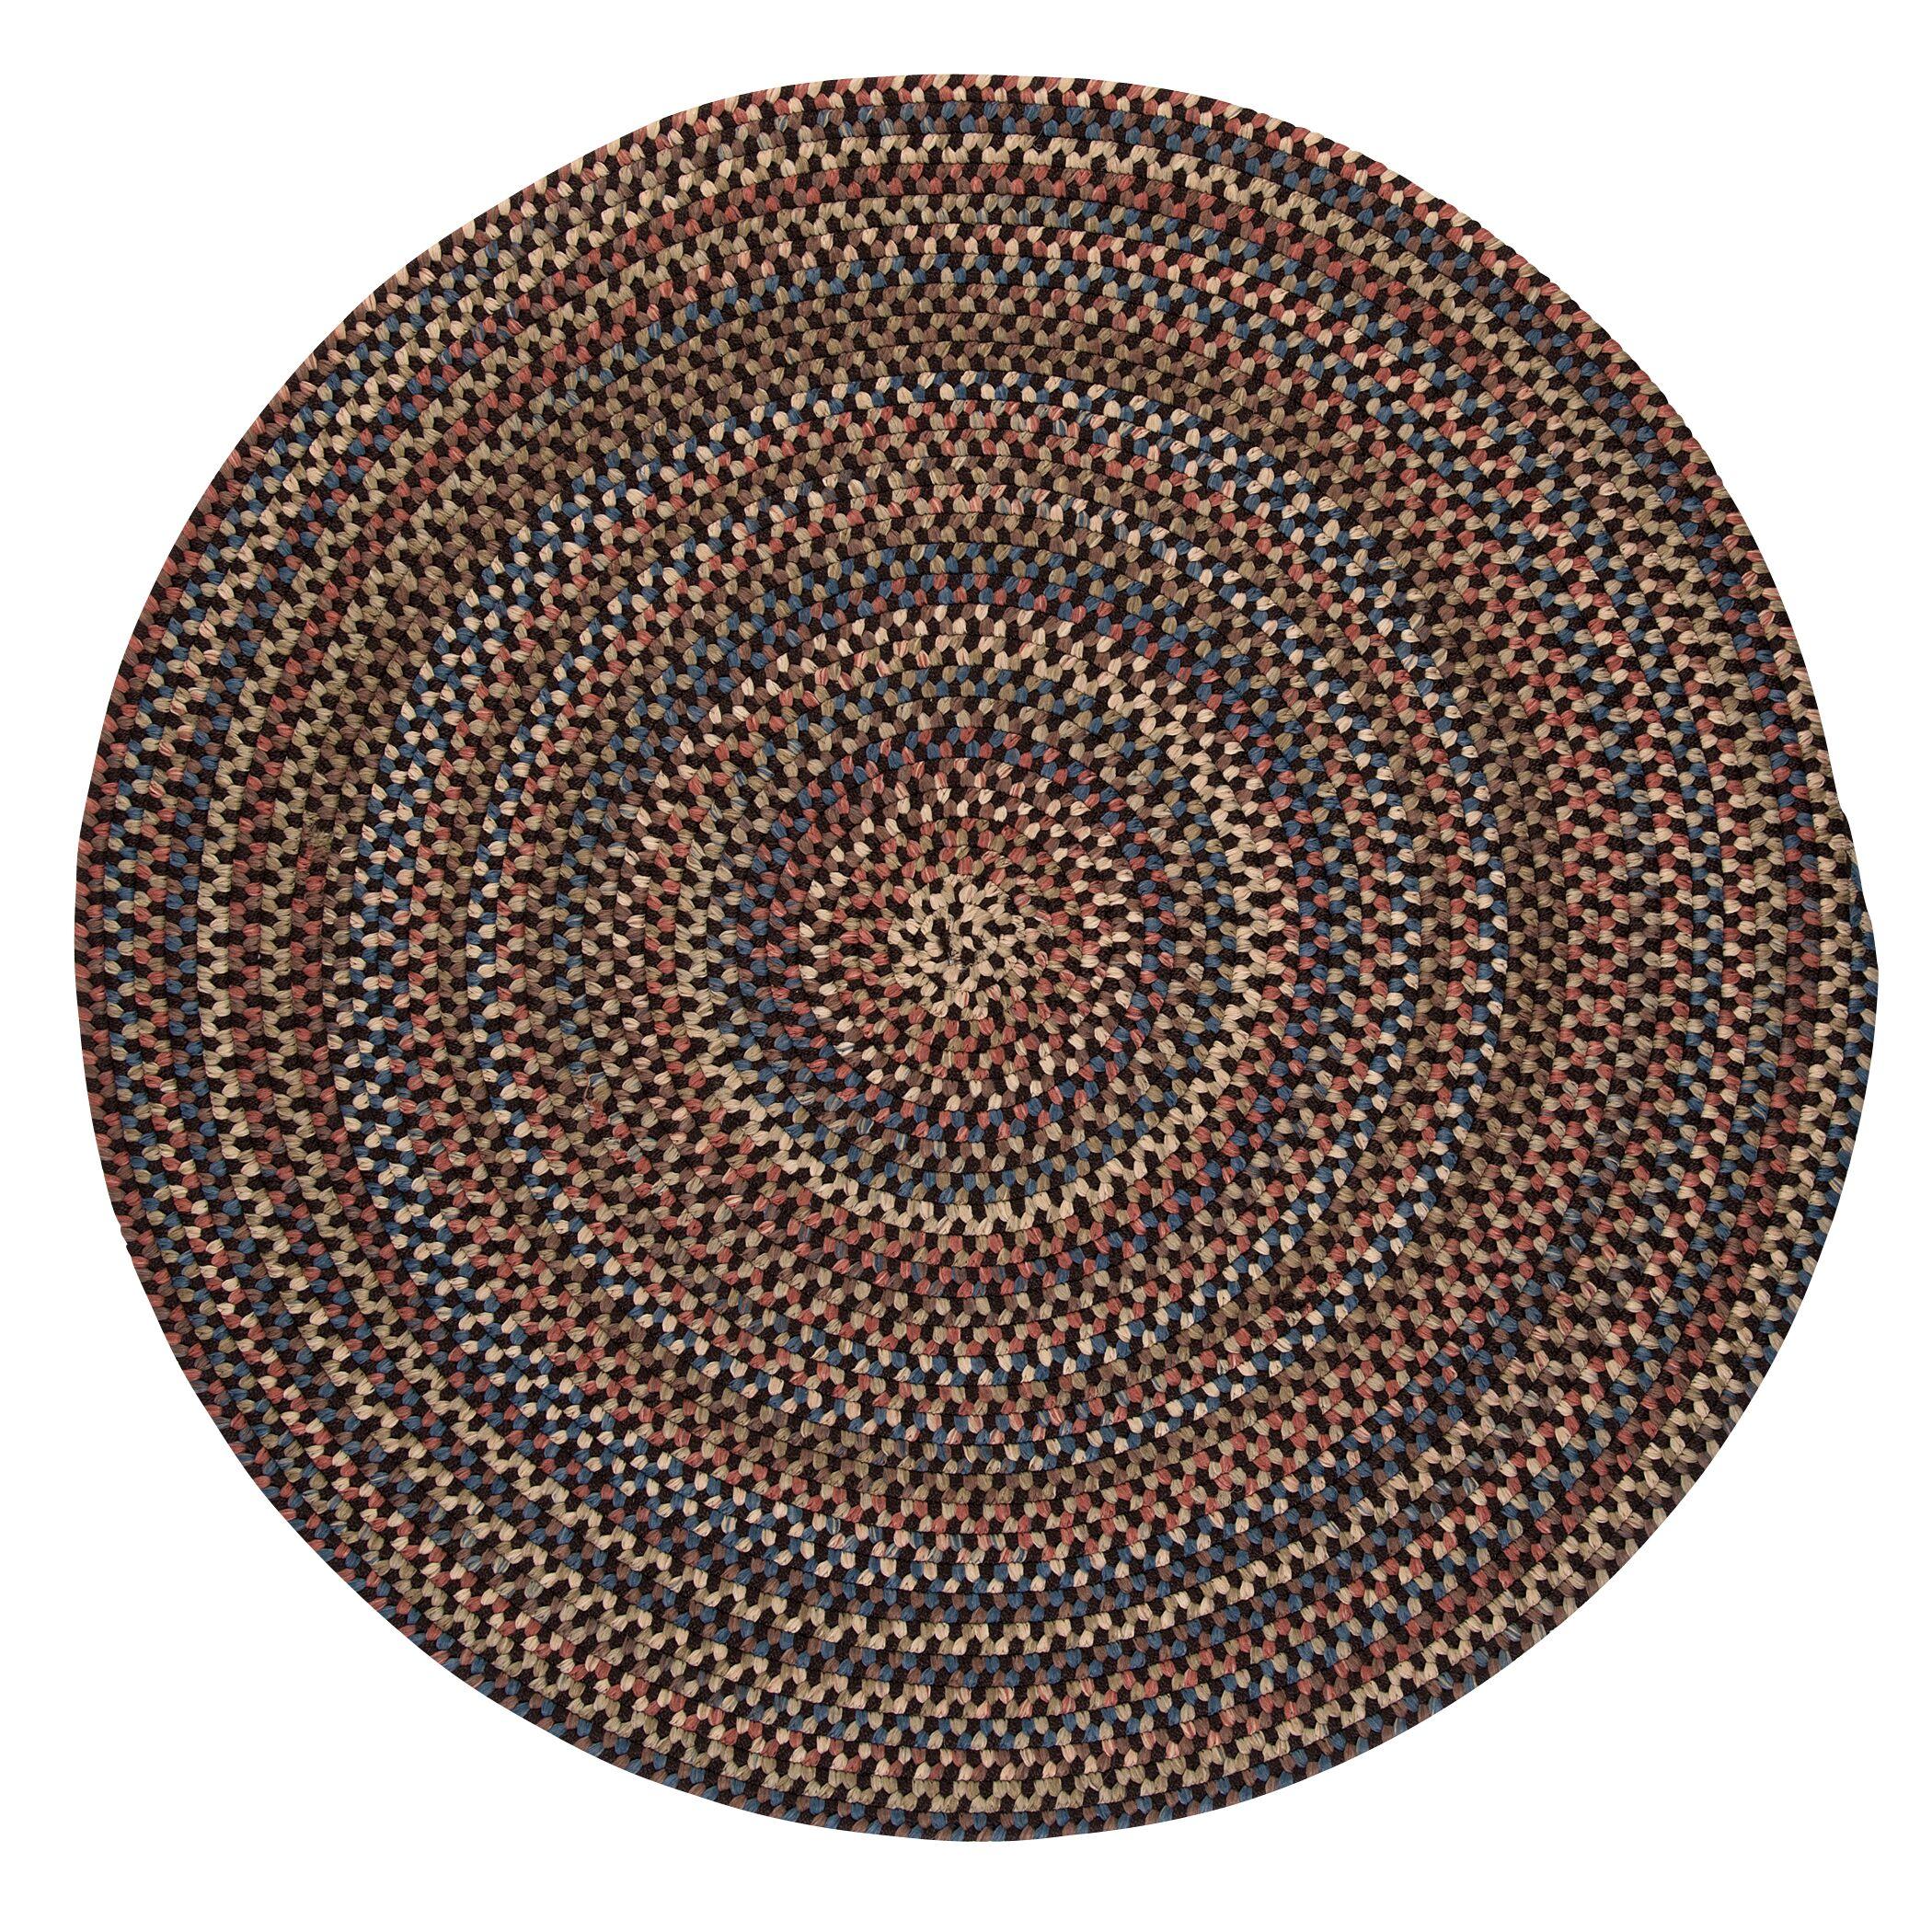 Kipton Dark Brown Area Rug Rug Size: Round 10'